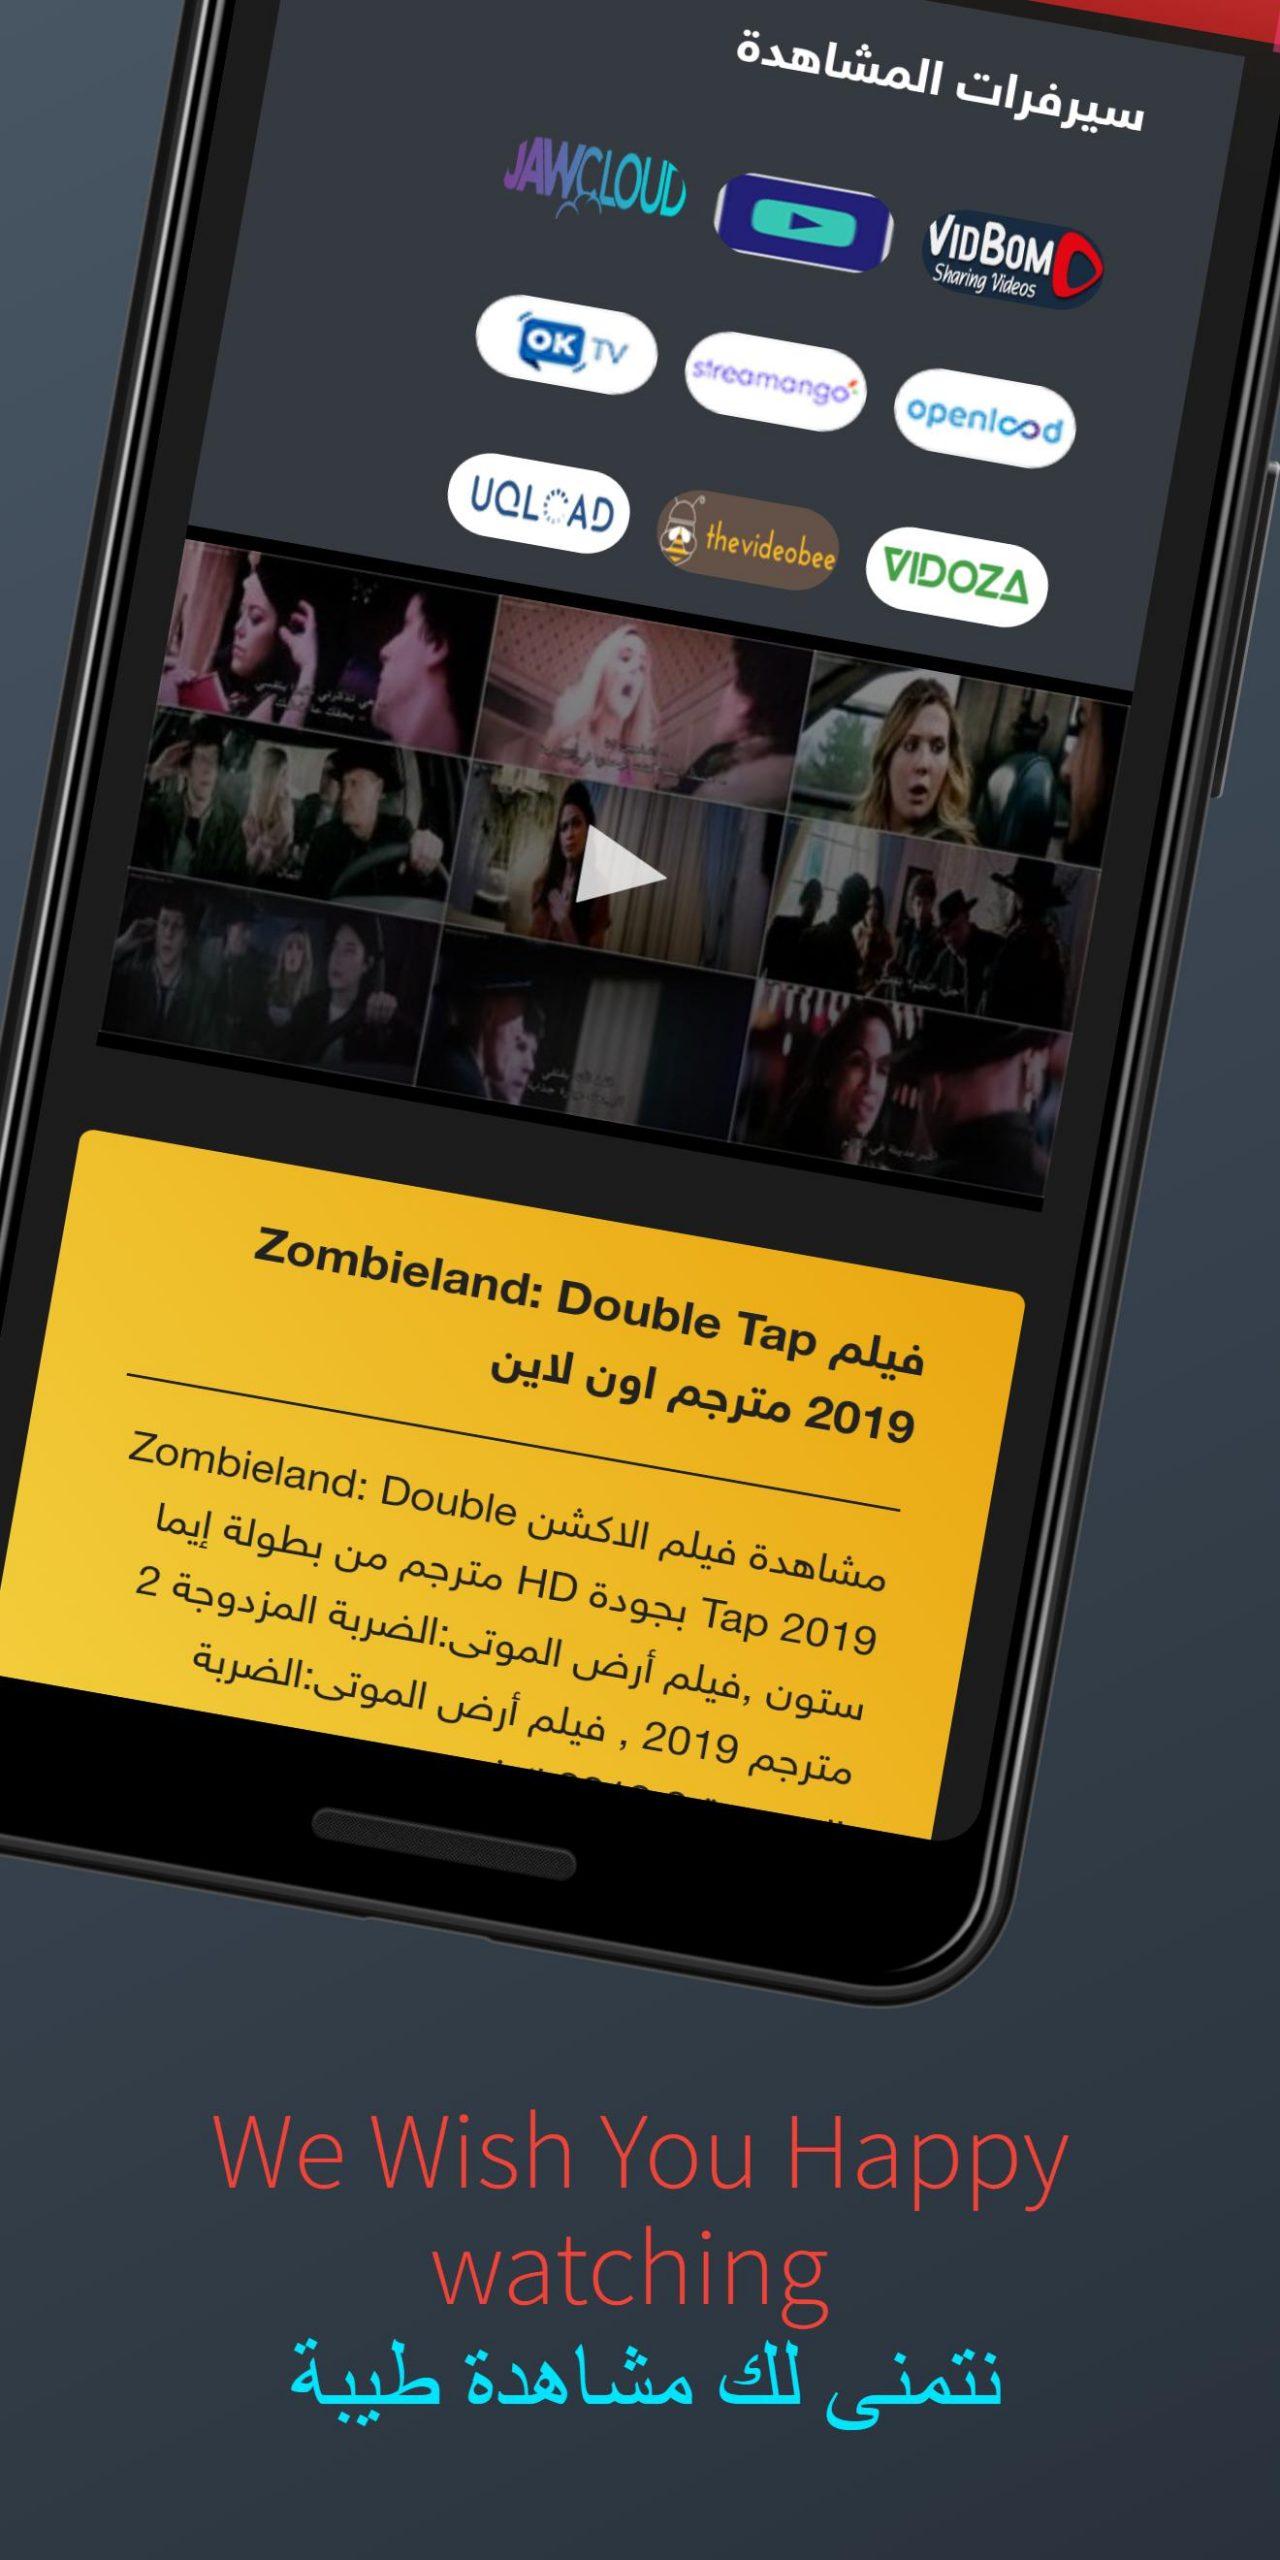 موقع عرب ليونز مسلسلات